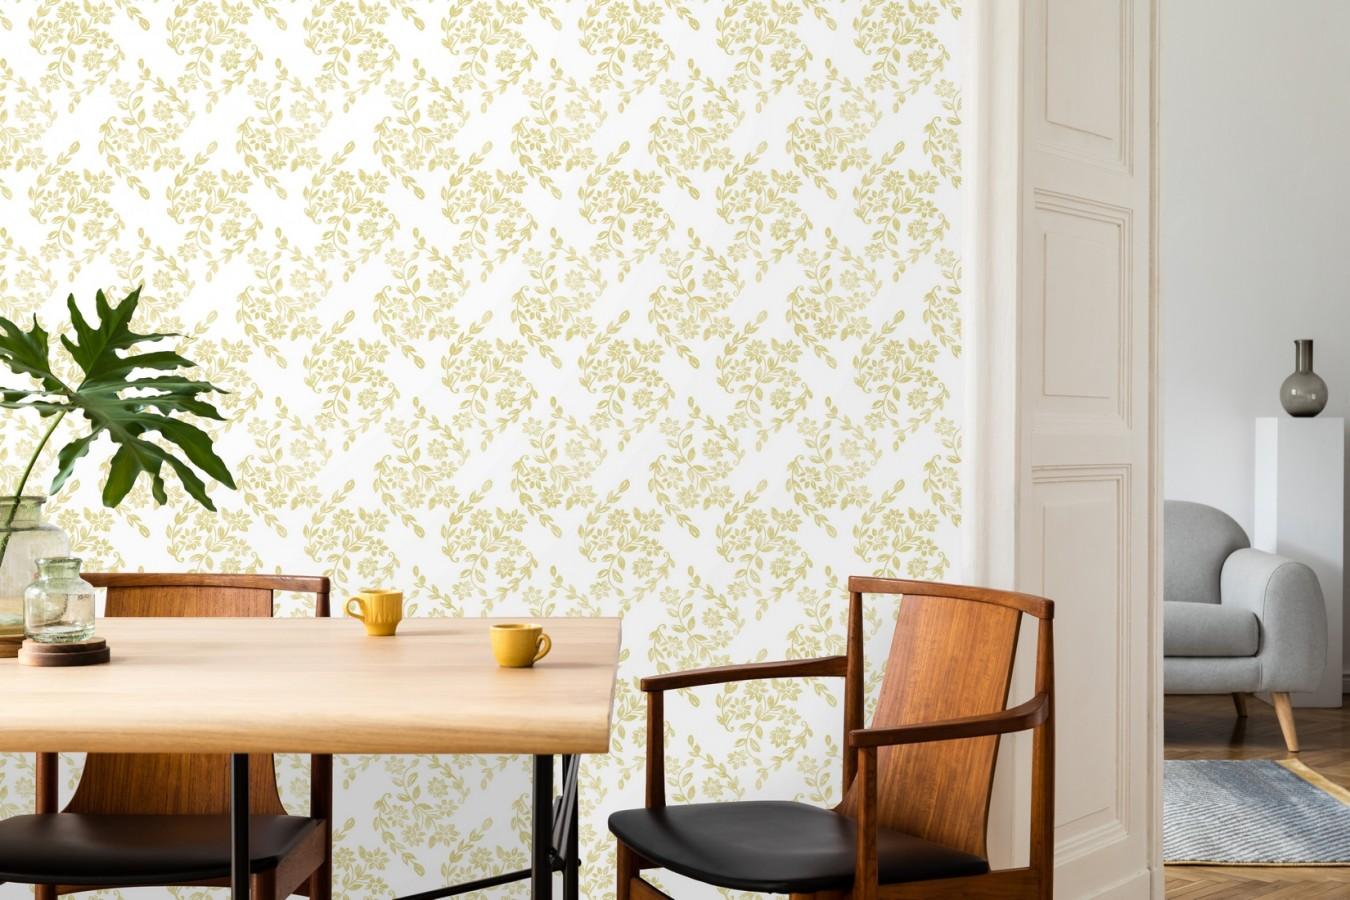 Papel pintado hojas pequeñas simétricas tonos amarillos Emily Garden 679548